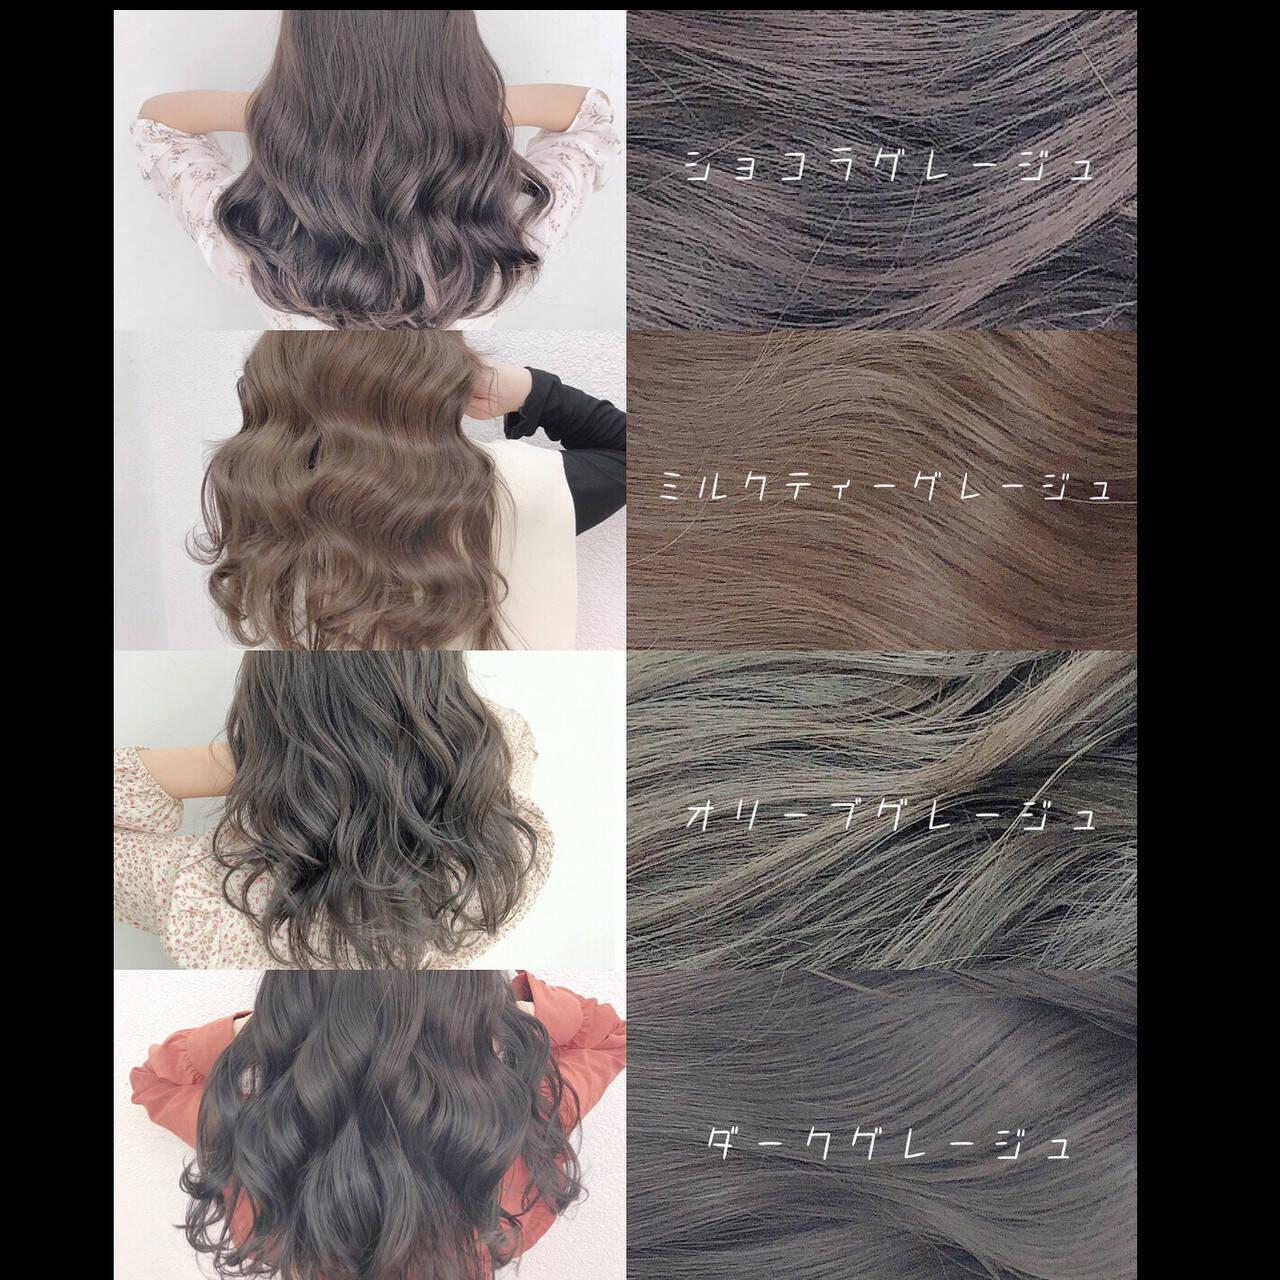 グレージュ ブリーチなし ナチュラル 透明感カラーヘアスタイルや髪型の写真・画像